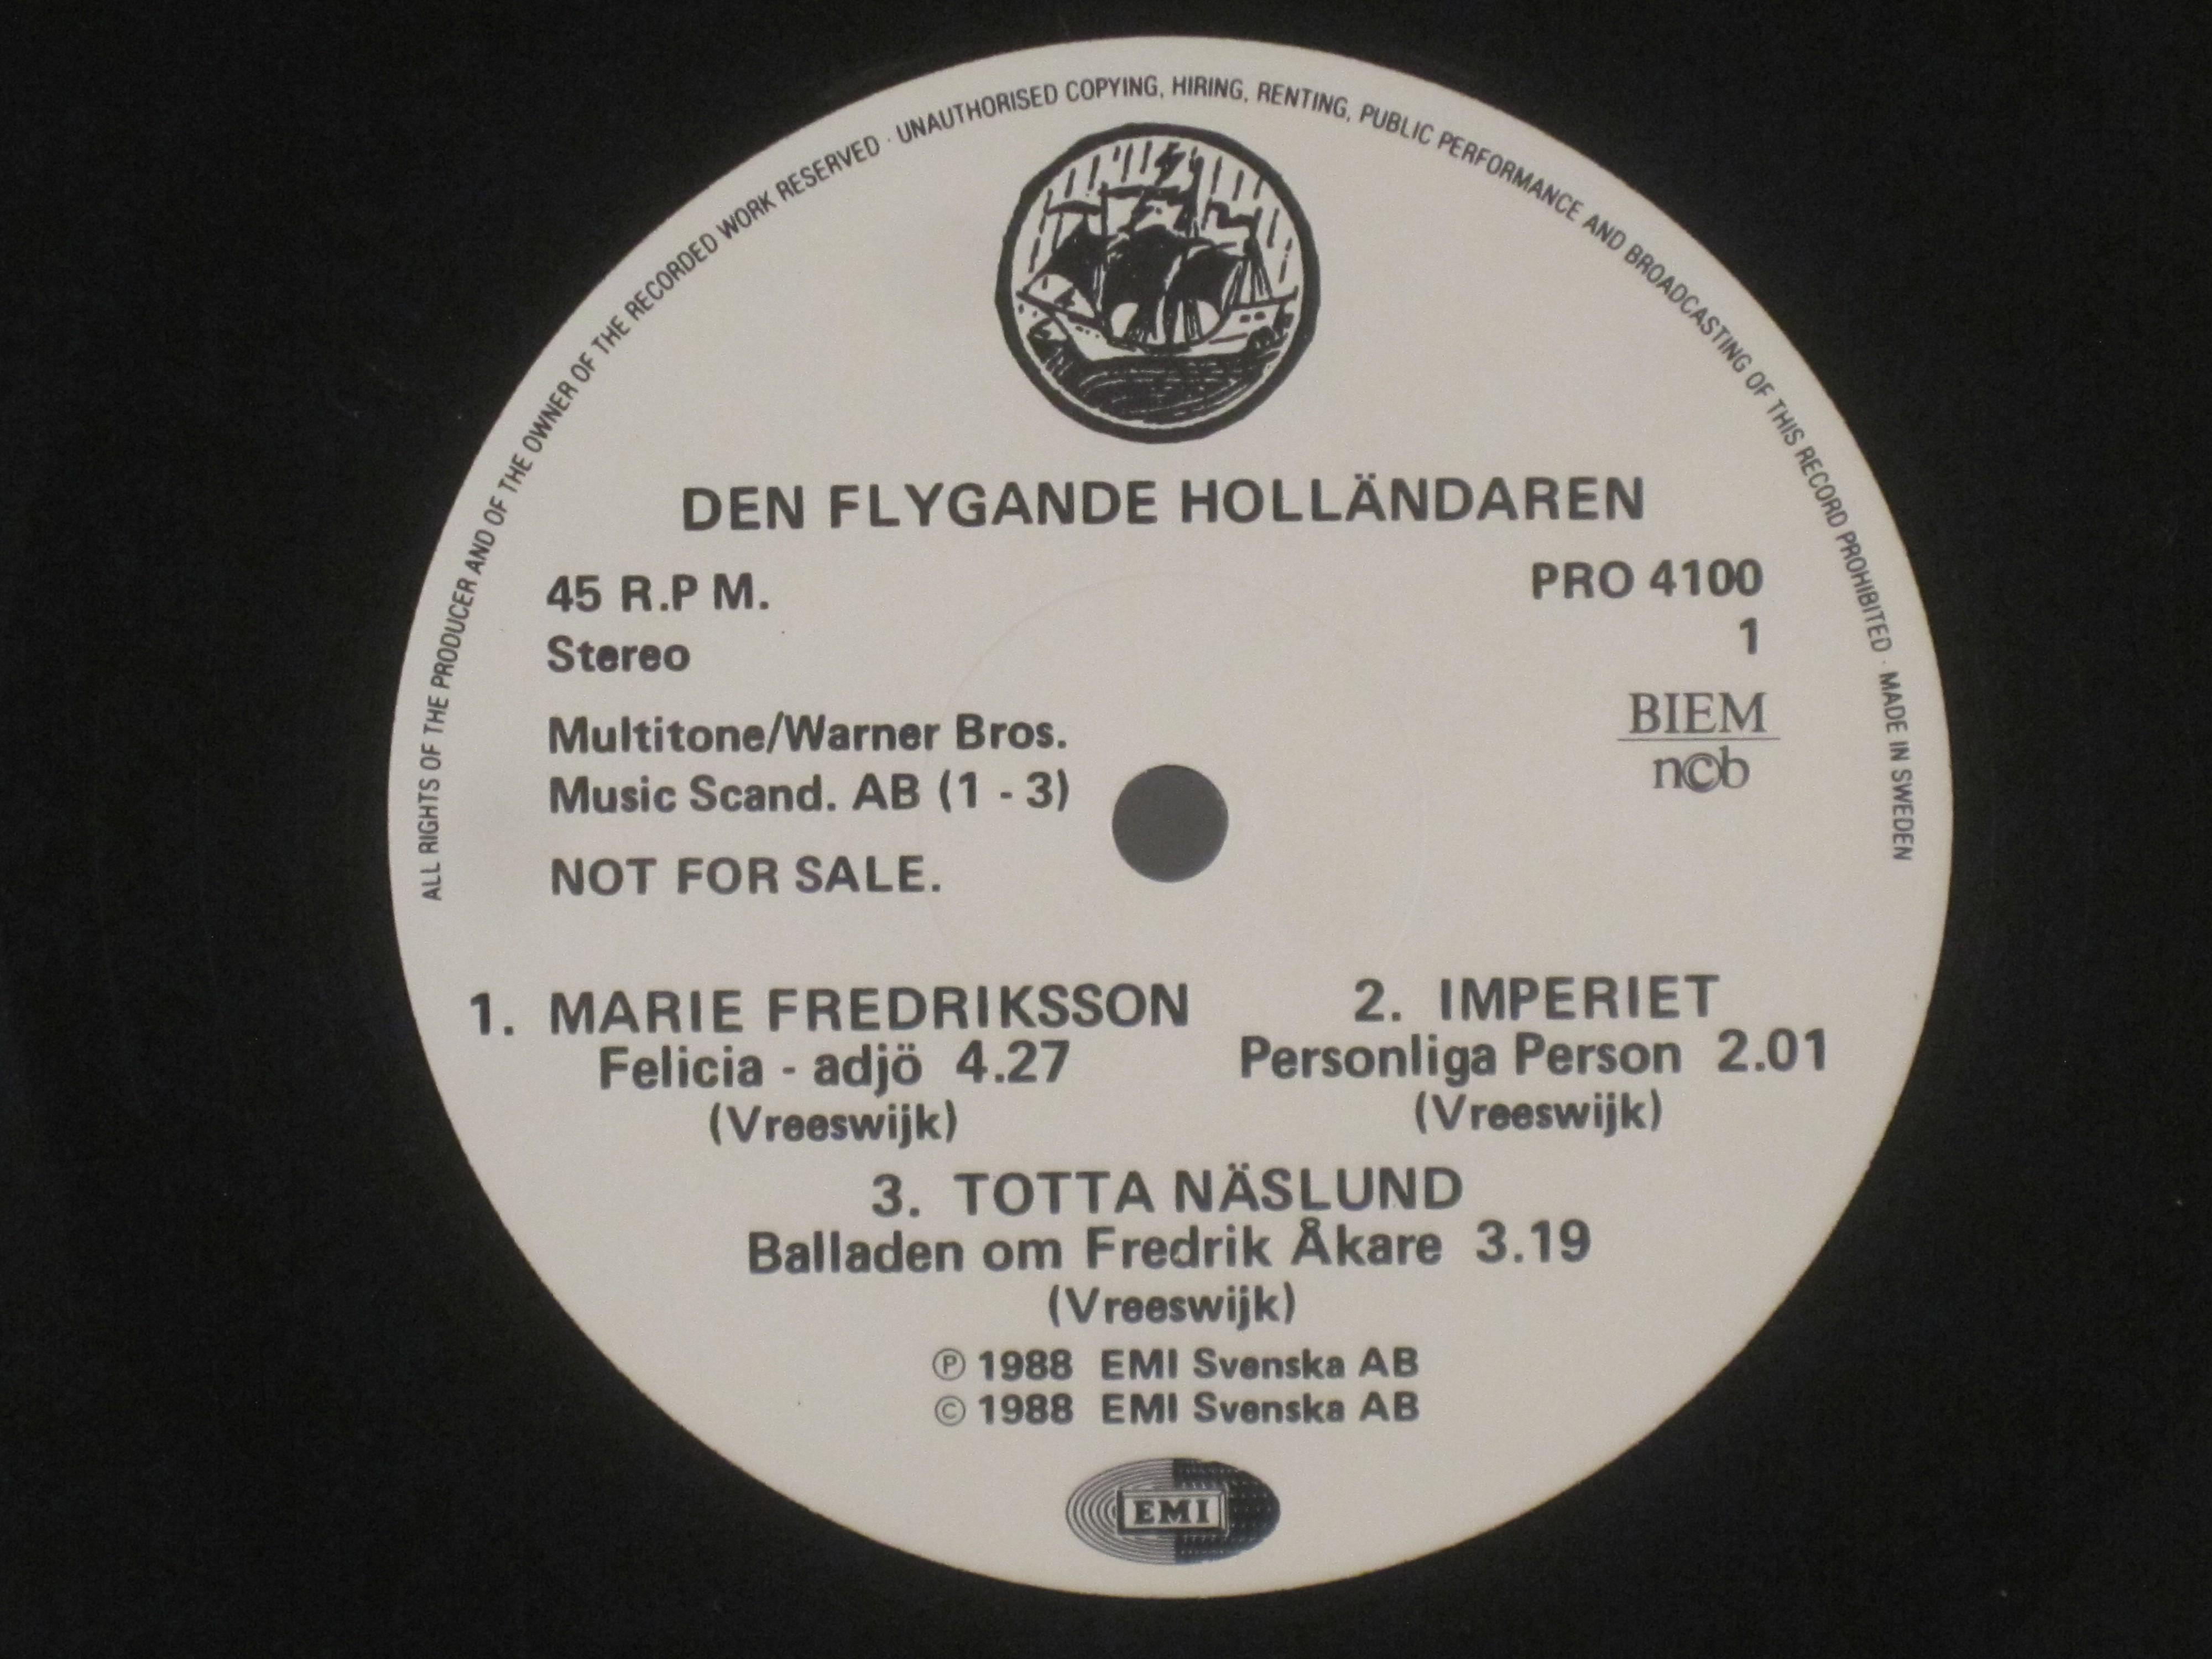 MARIE FREDRIKSSON : Felicia - adjö / MARIE FREDRIKSSON & ELDKVARN : Somliga går med trasiga skor / + 3 with 3 other artists